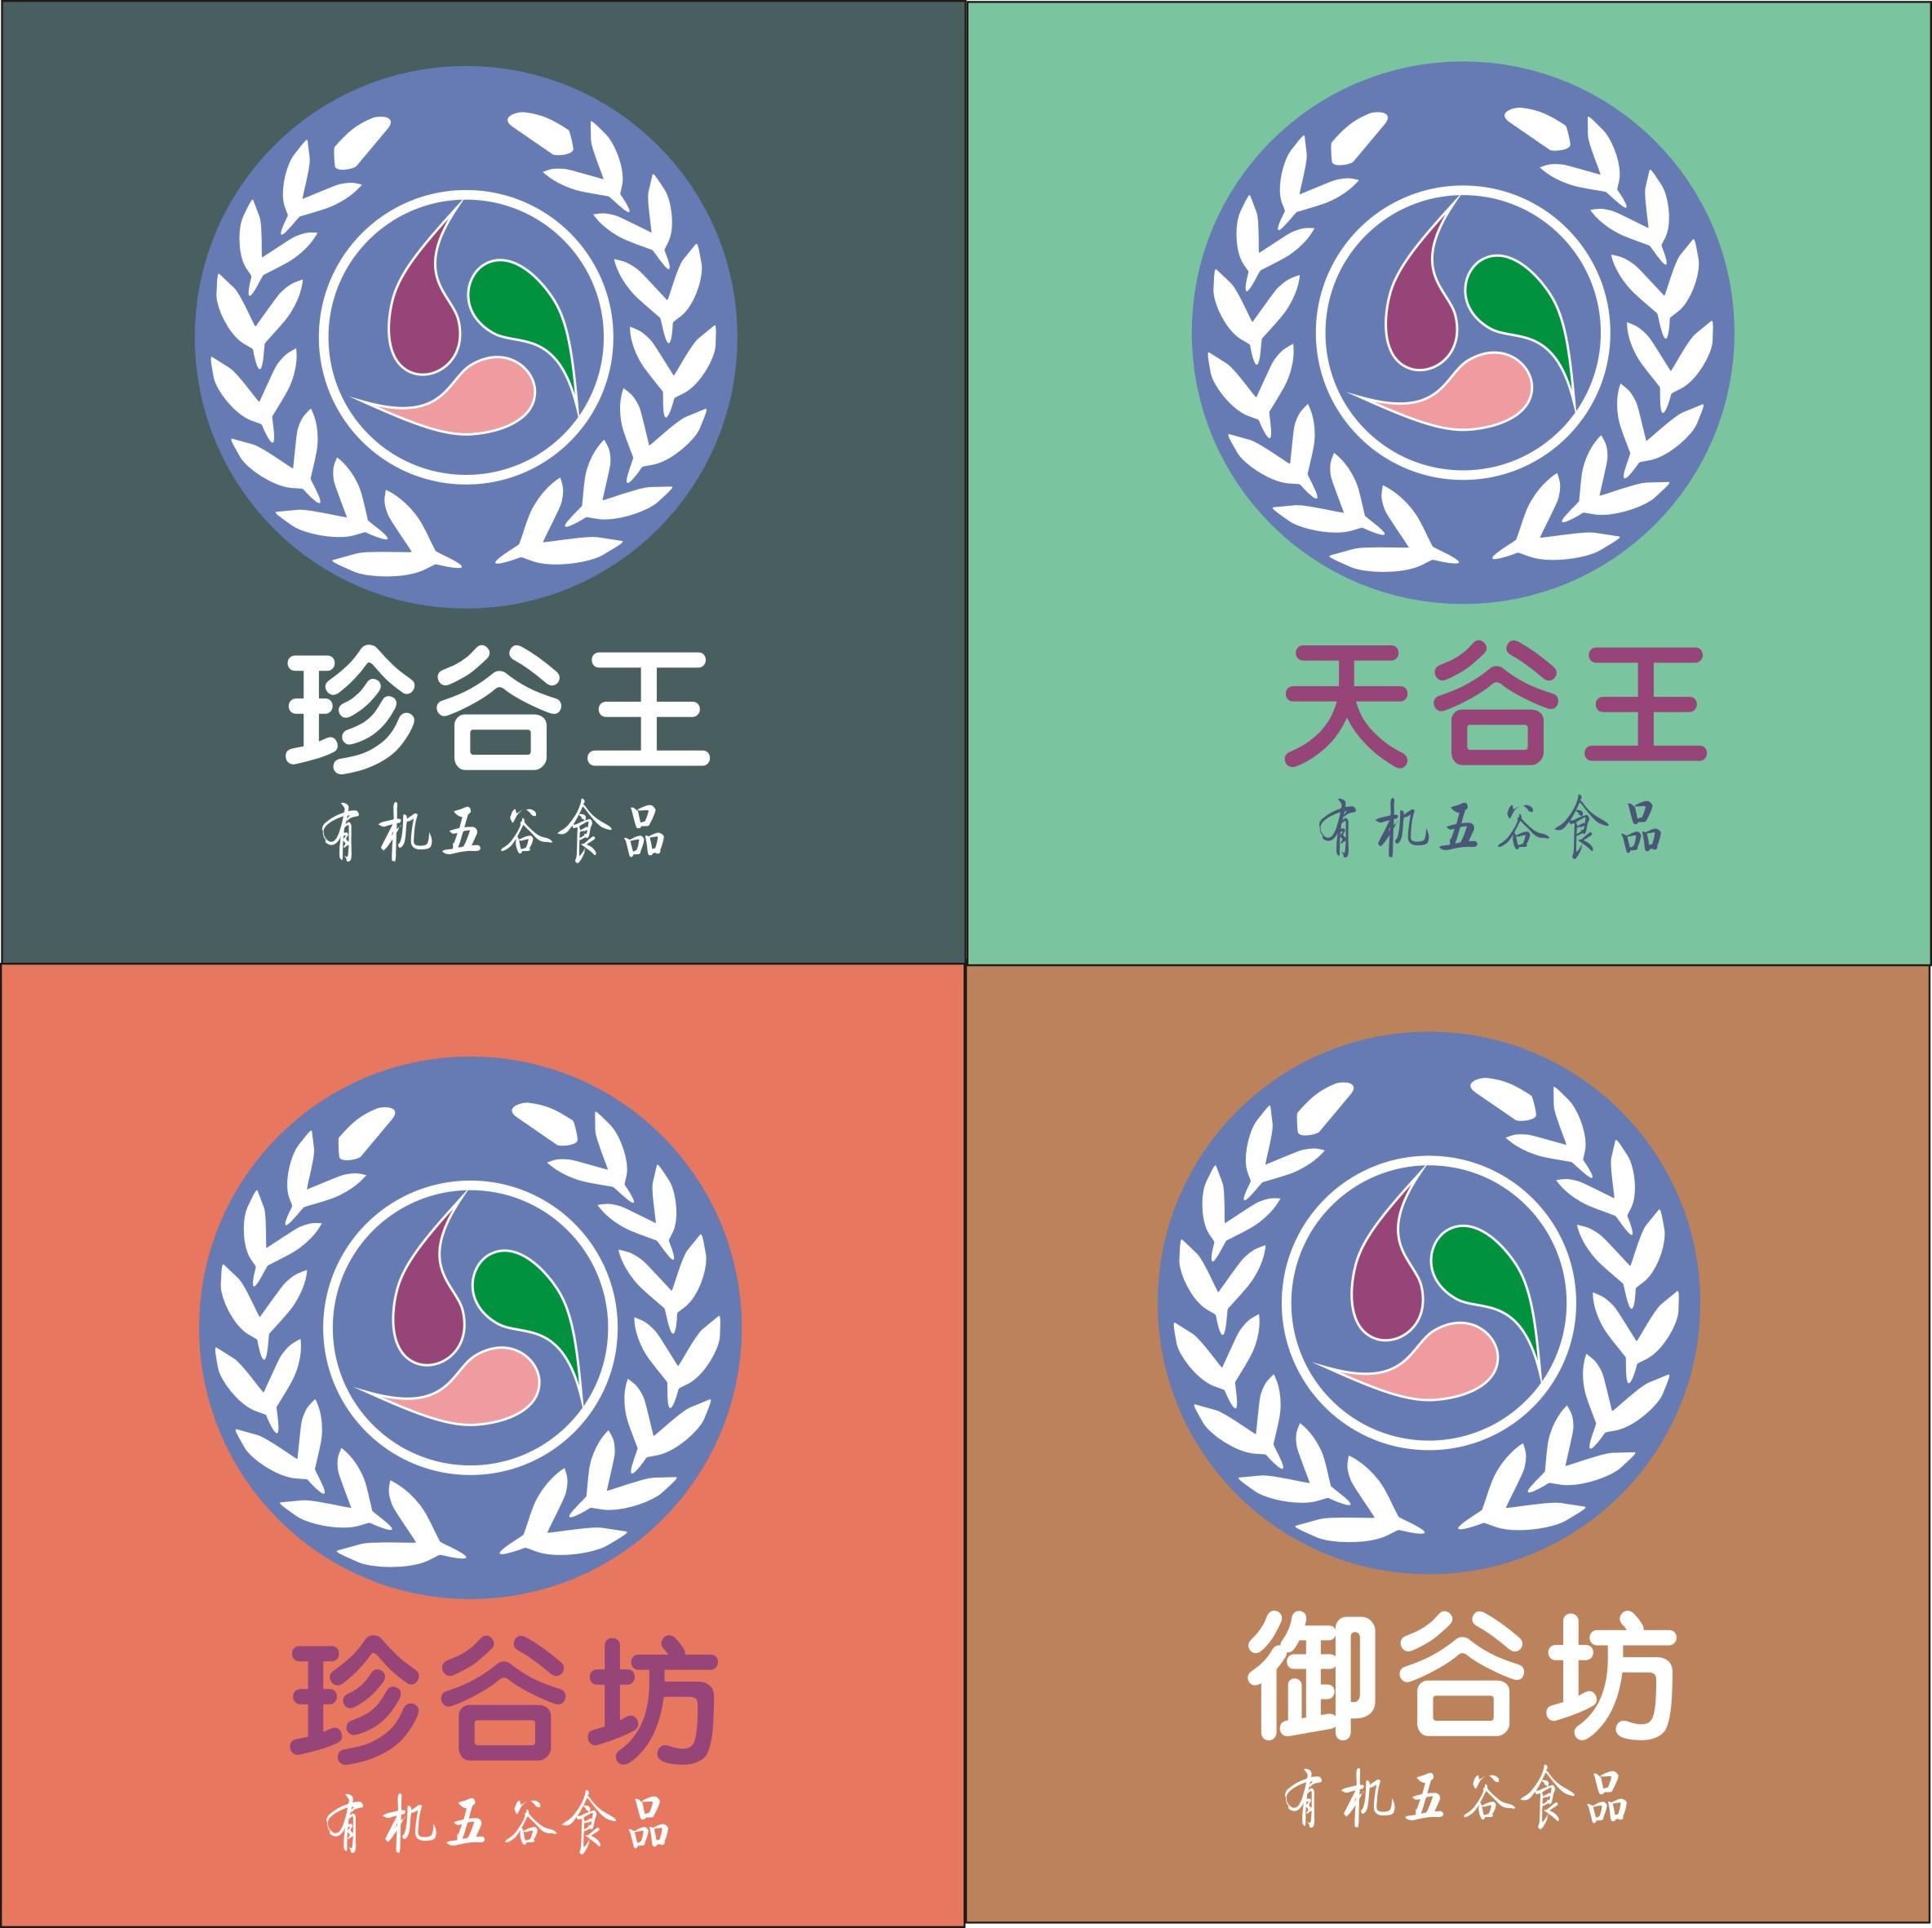 有机五谷食品公司logo设计